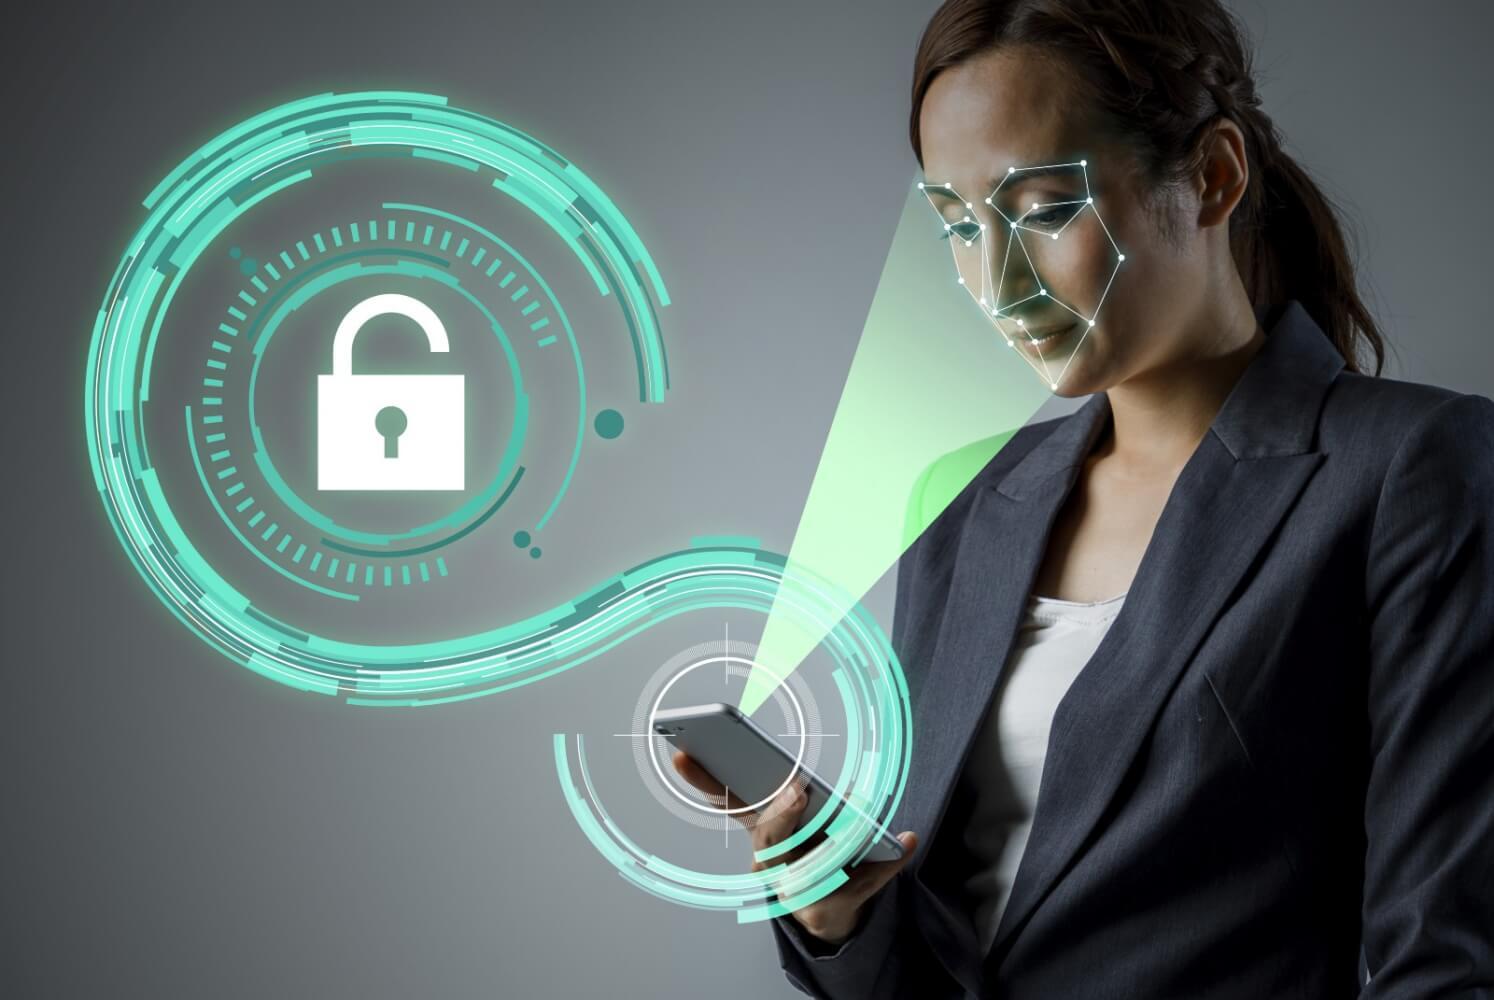 IBM уходит с рынка технологий распознавания лиц